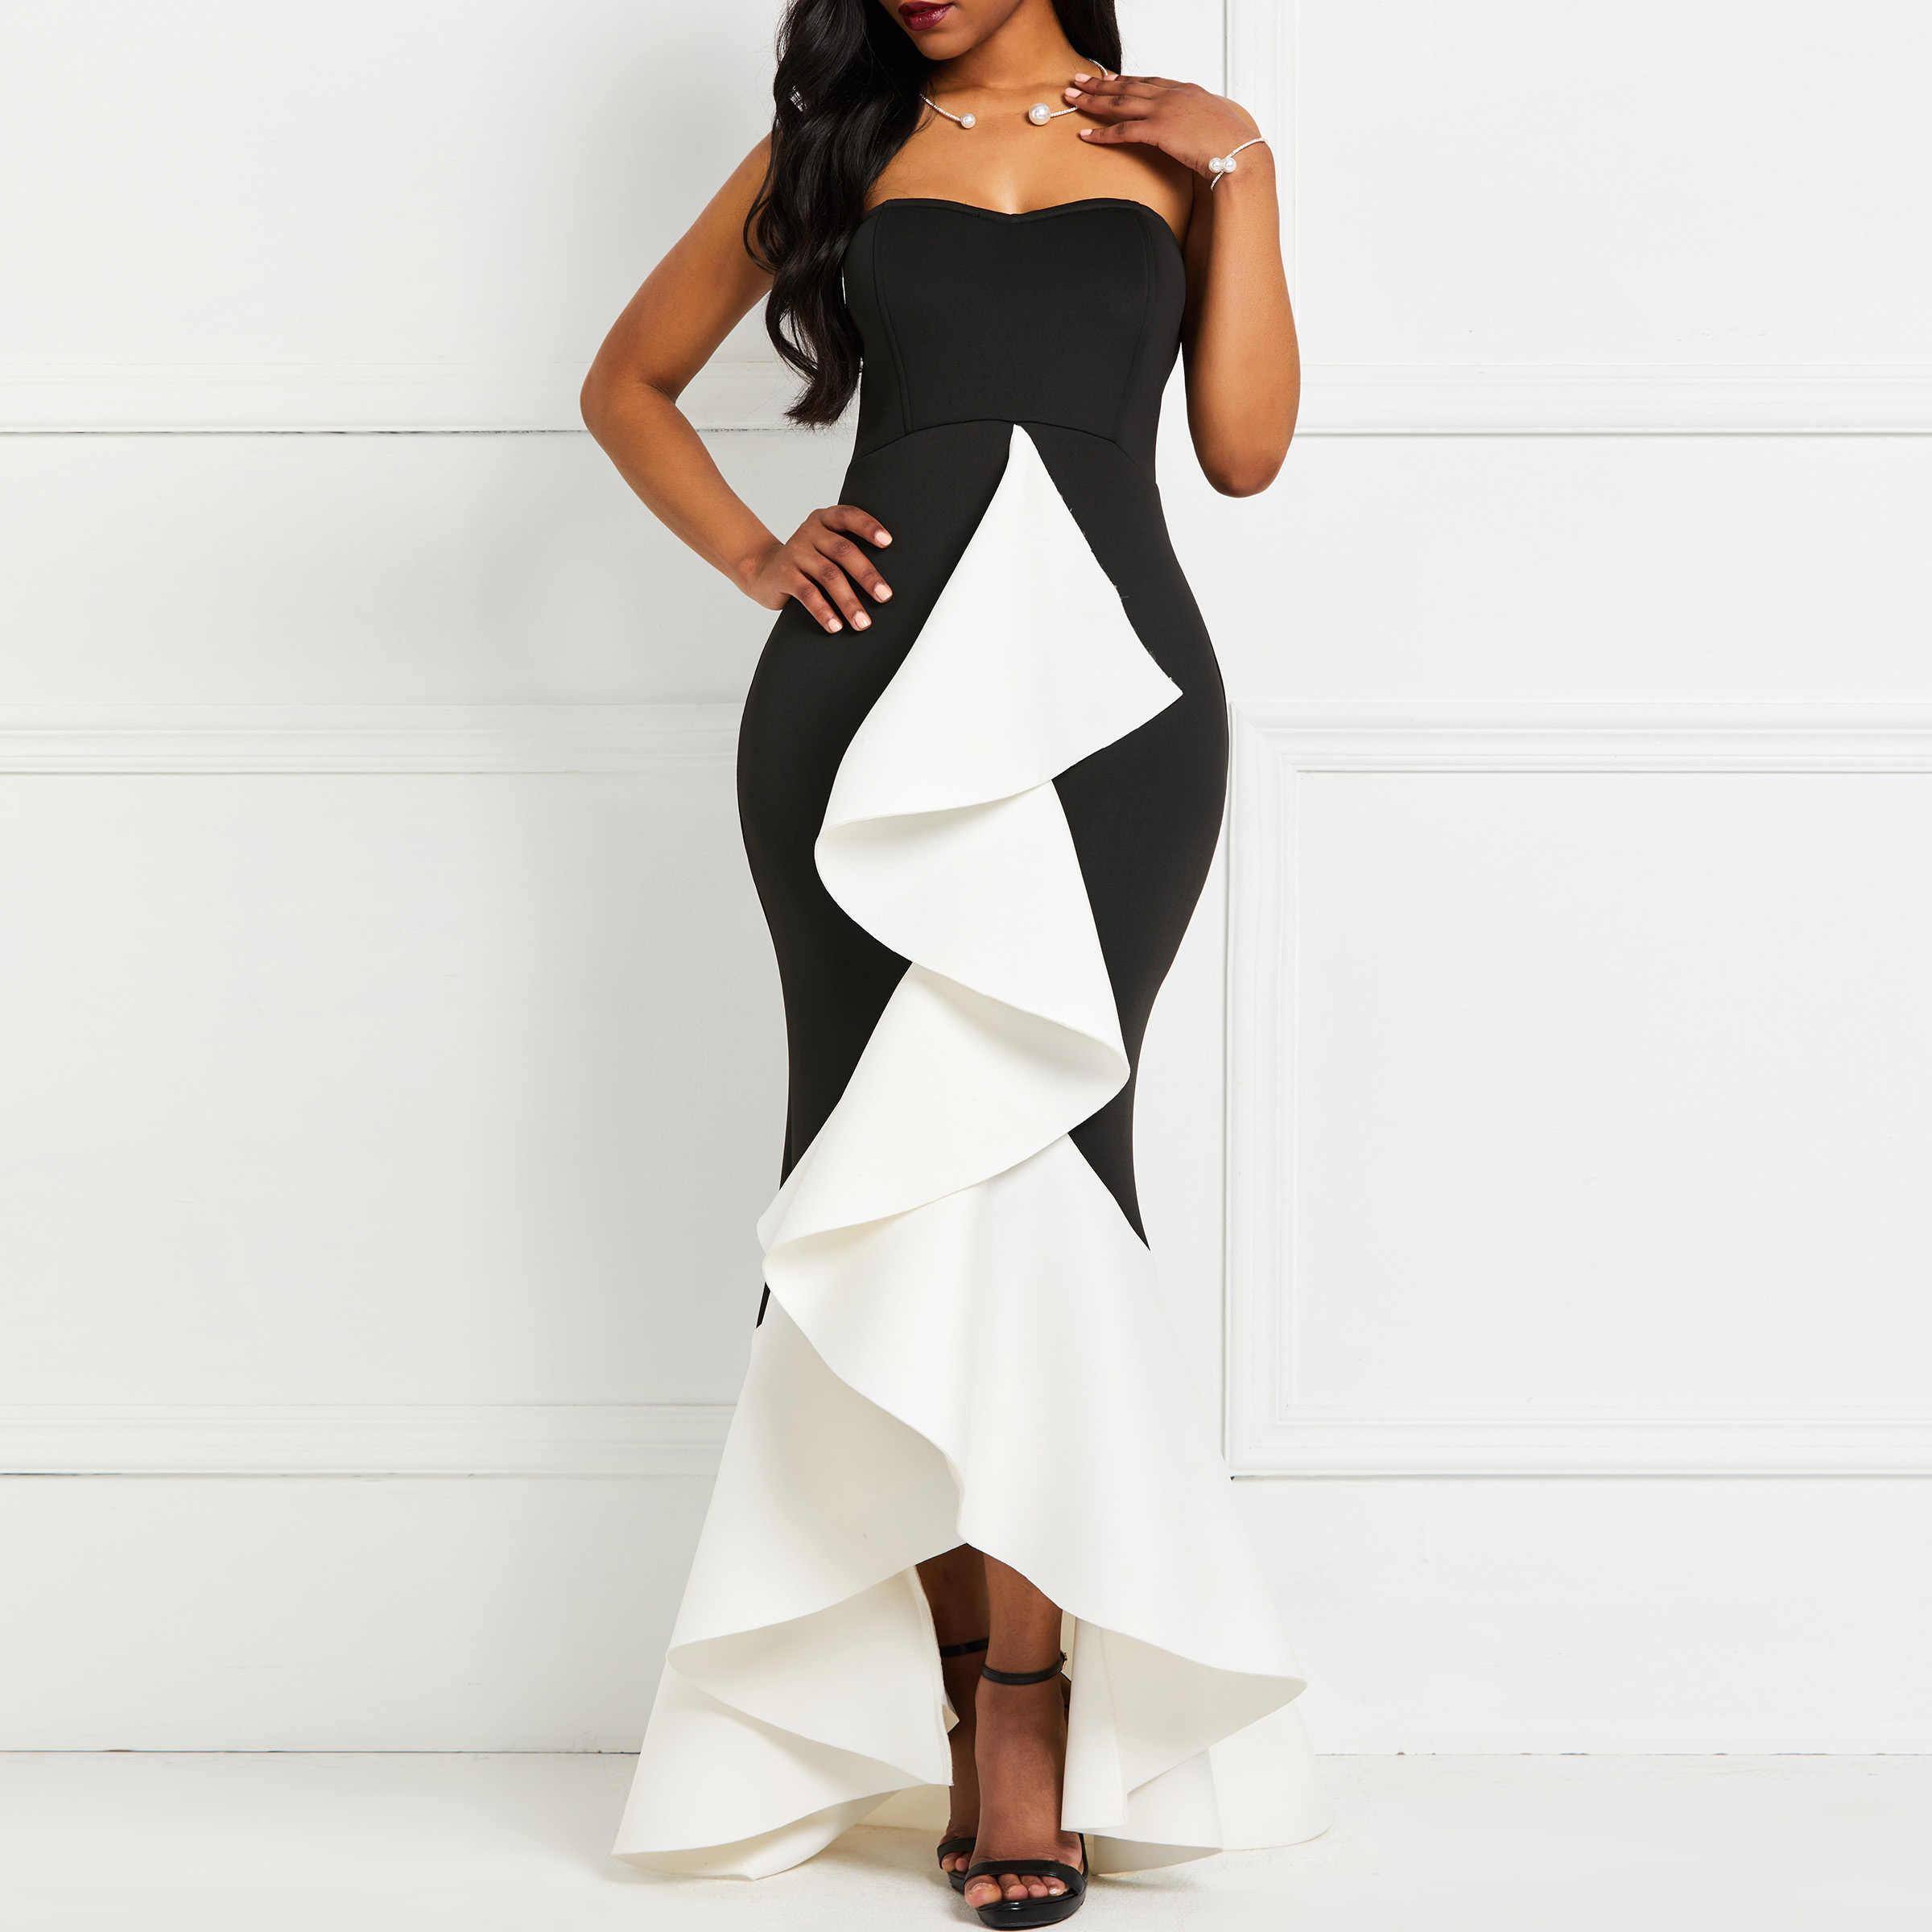 Женское сексуальное праздничное платье без бретелек, черный слой, оборки, вечерние женские летние, высокая низкая труба без спинки, облегающие элегантные длинные платья